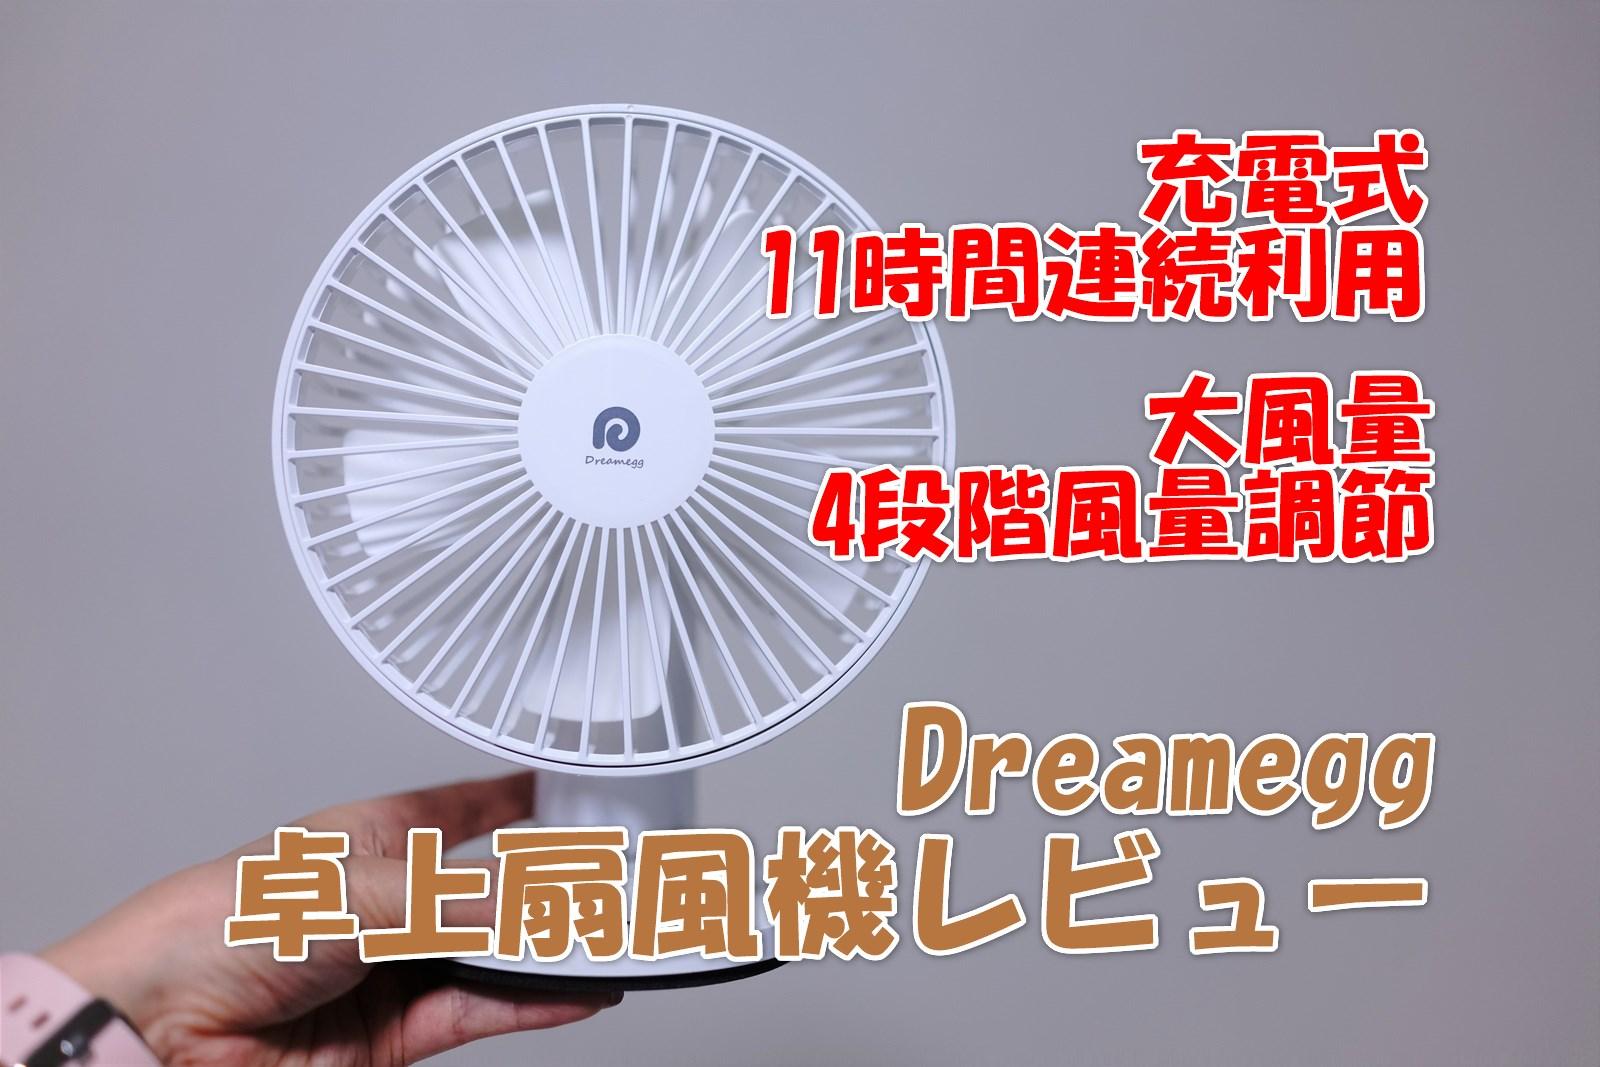 Dreamegg 卓上扇風機 DG-F04 レビュー